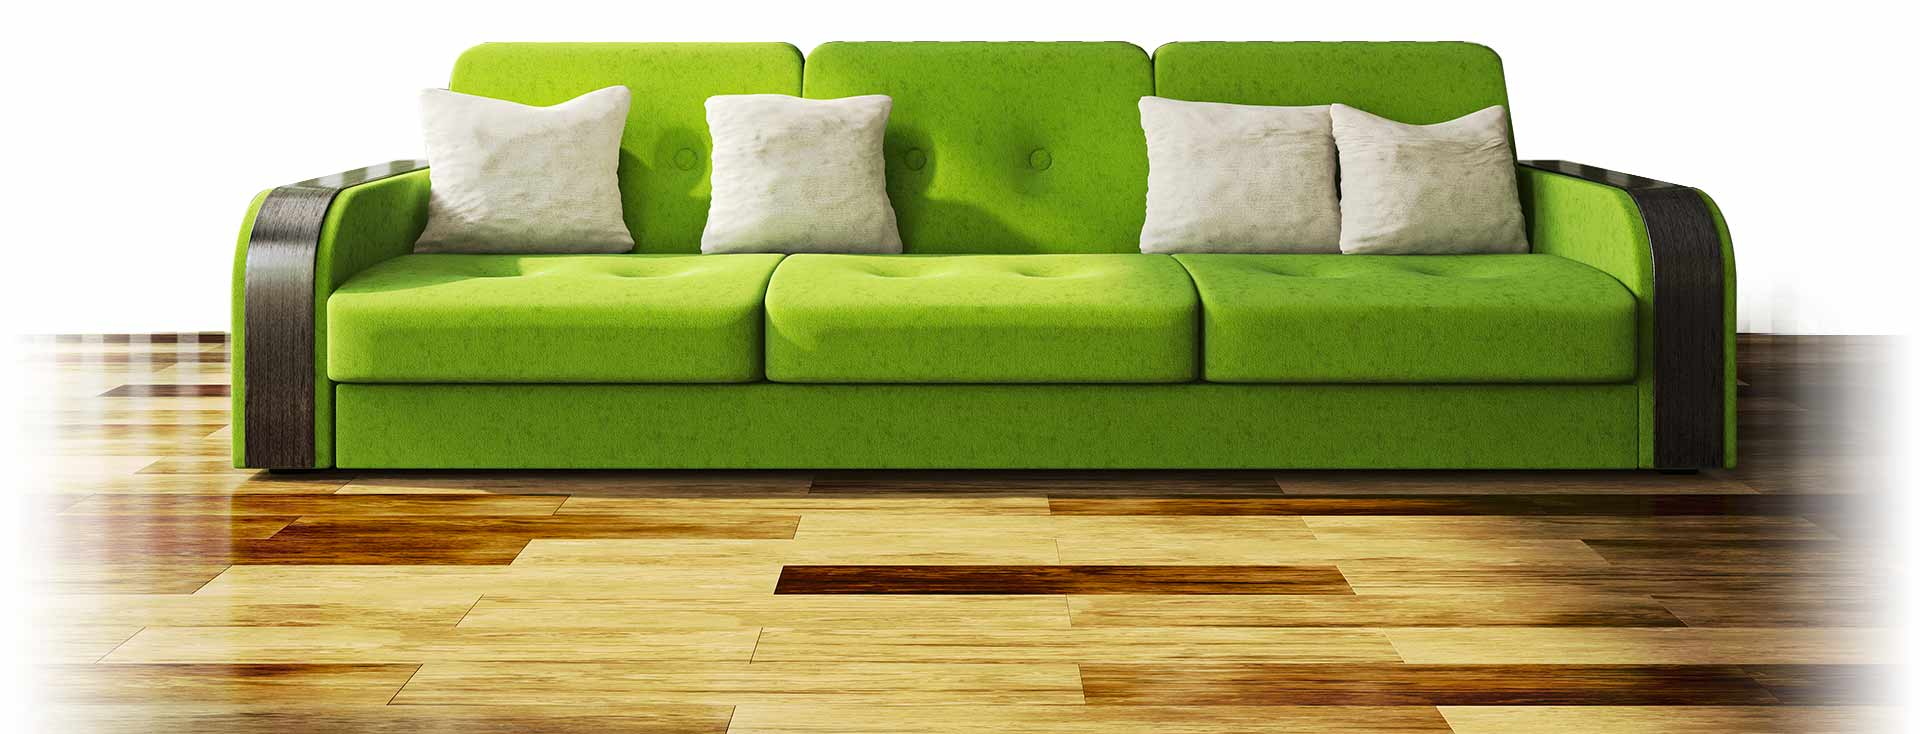 spécialisés dans tous vos travaux de peinture, de décoration intérieure, de pose de revêtements muraux et de revêtements de sols (sols souples et parquets)